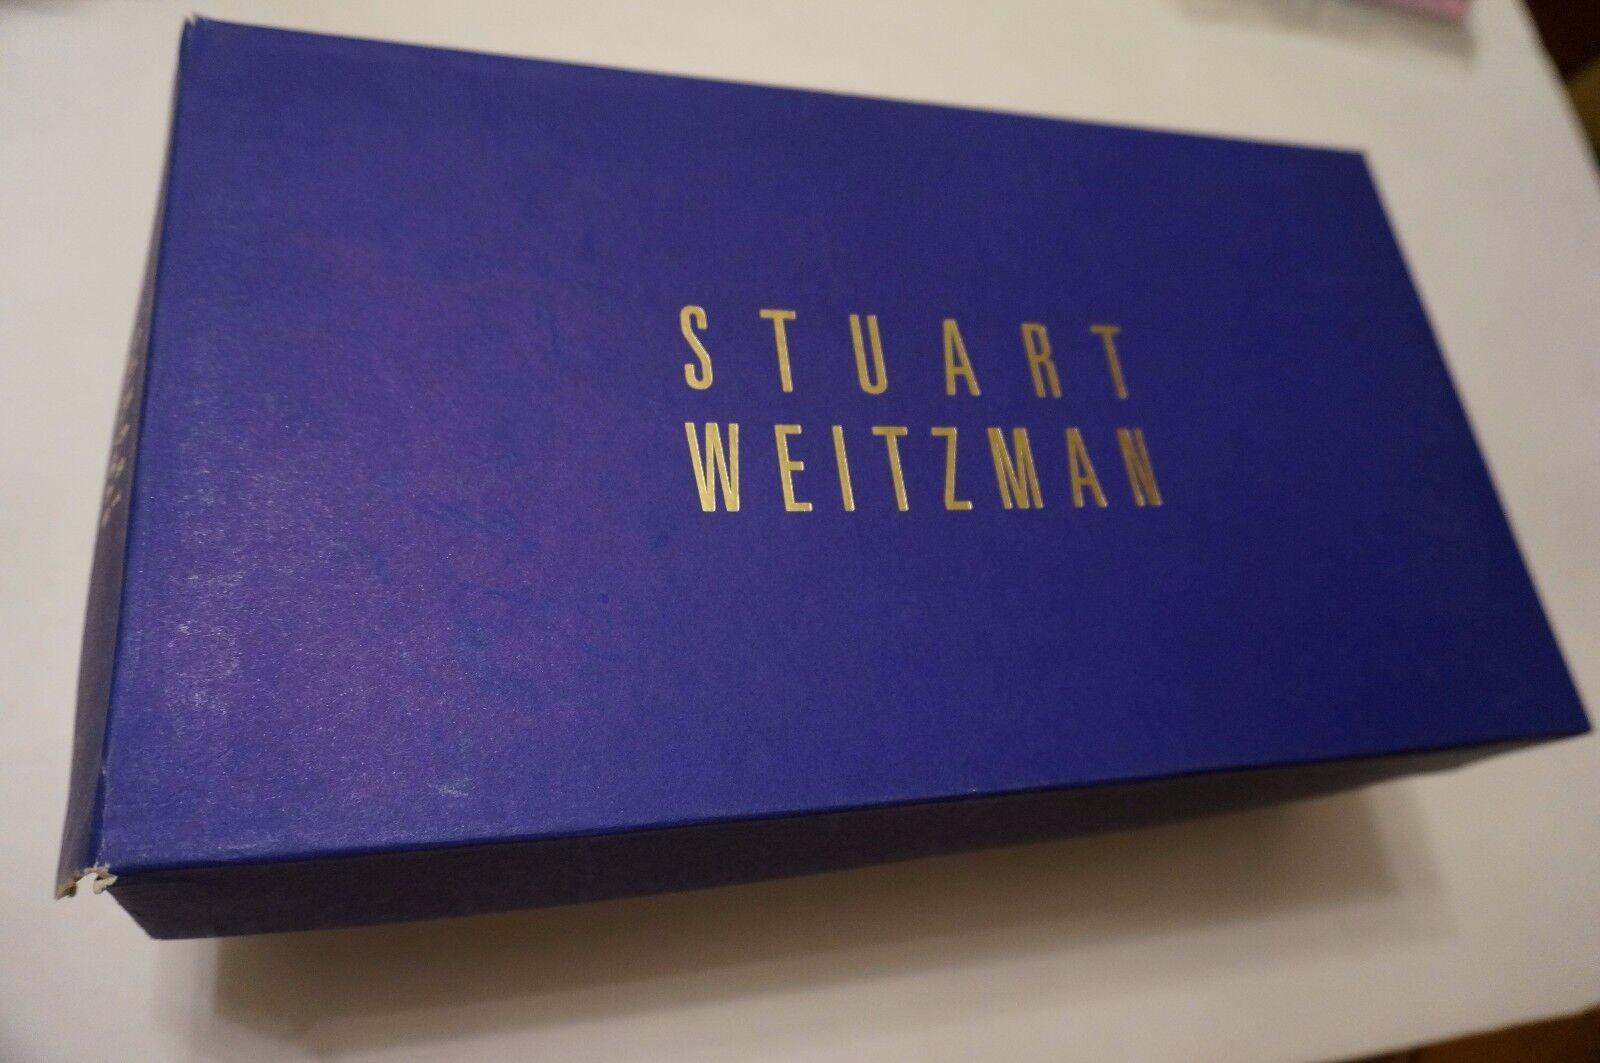 Stuart Weitzman Brillo De Malla De Metal & & & tachonado Zapatillas Zapatos Con Cordones De Cuero 8.5 M  estar en gran demanda